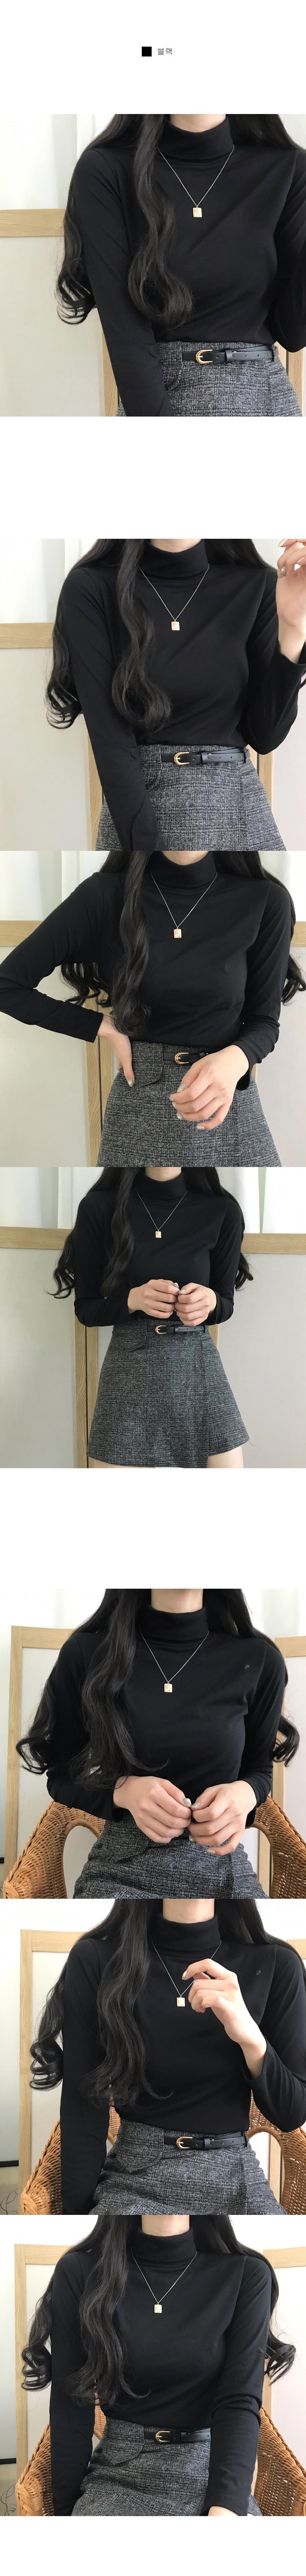 Basic neck polar inner T-shirt